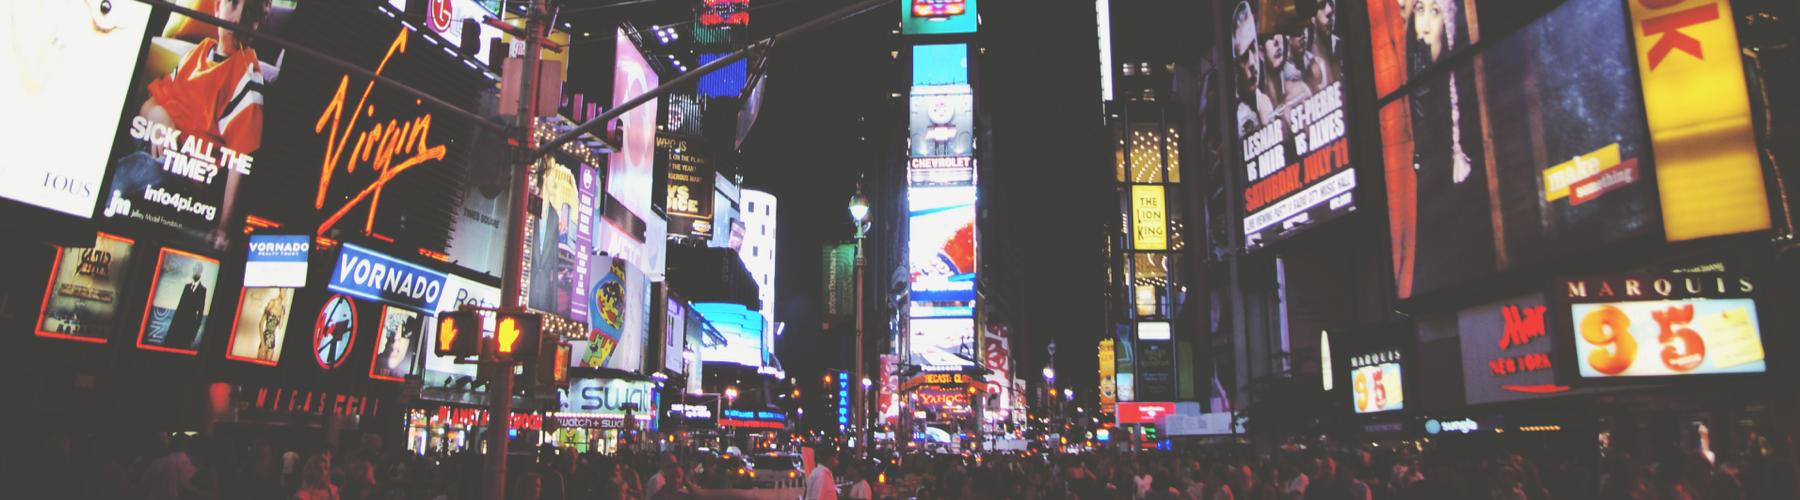 How do ads impact pop culture?